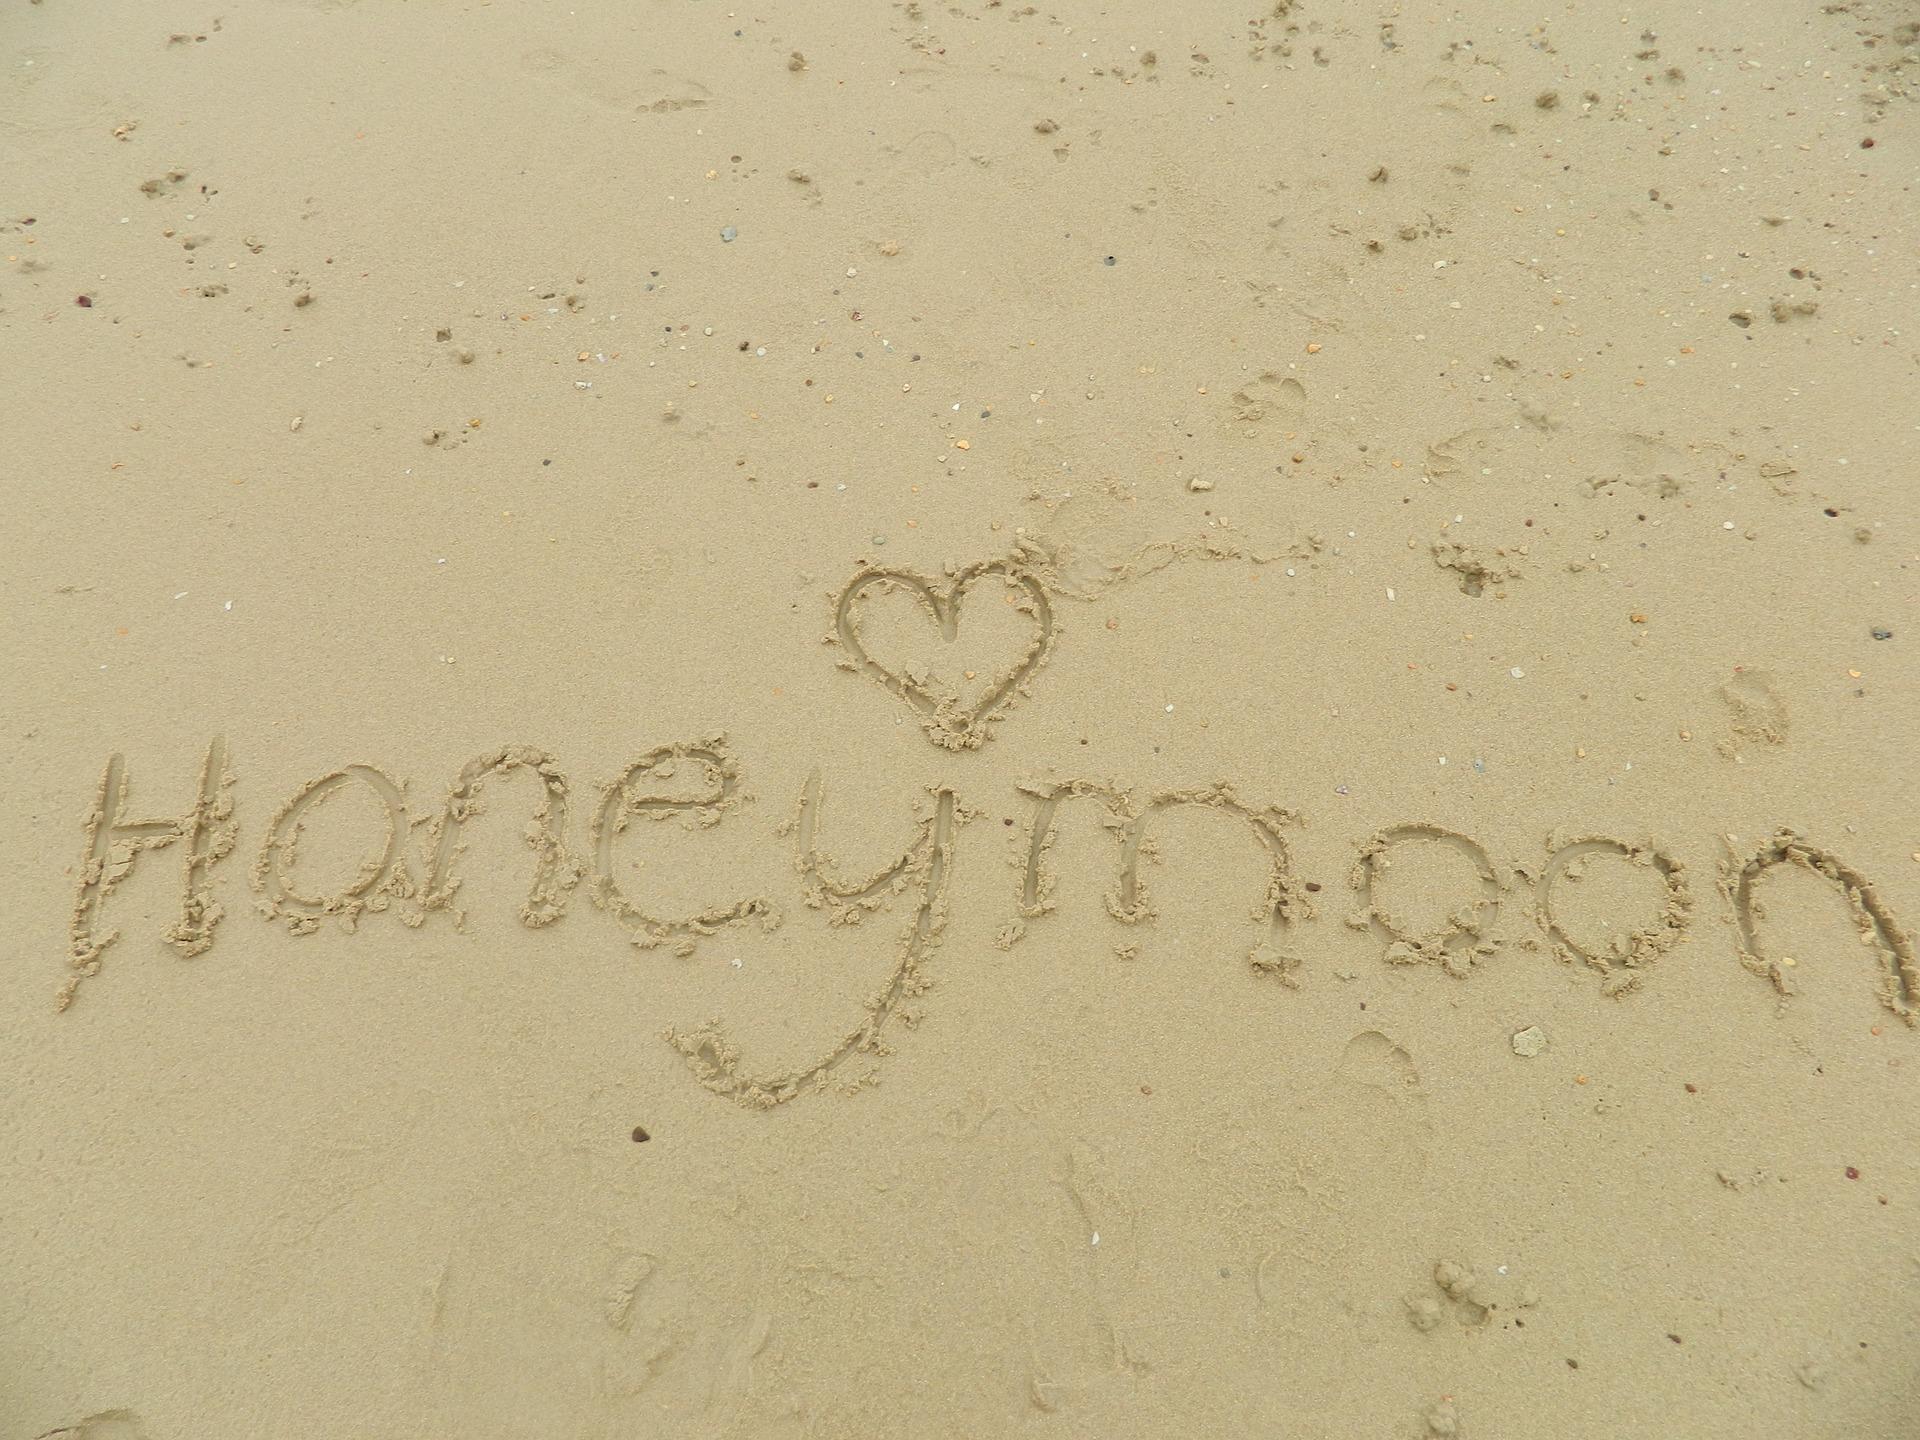 Honeymoon Word In Sand Avoid Pitfalls